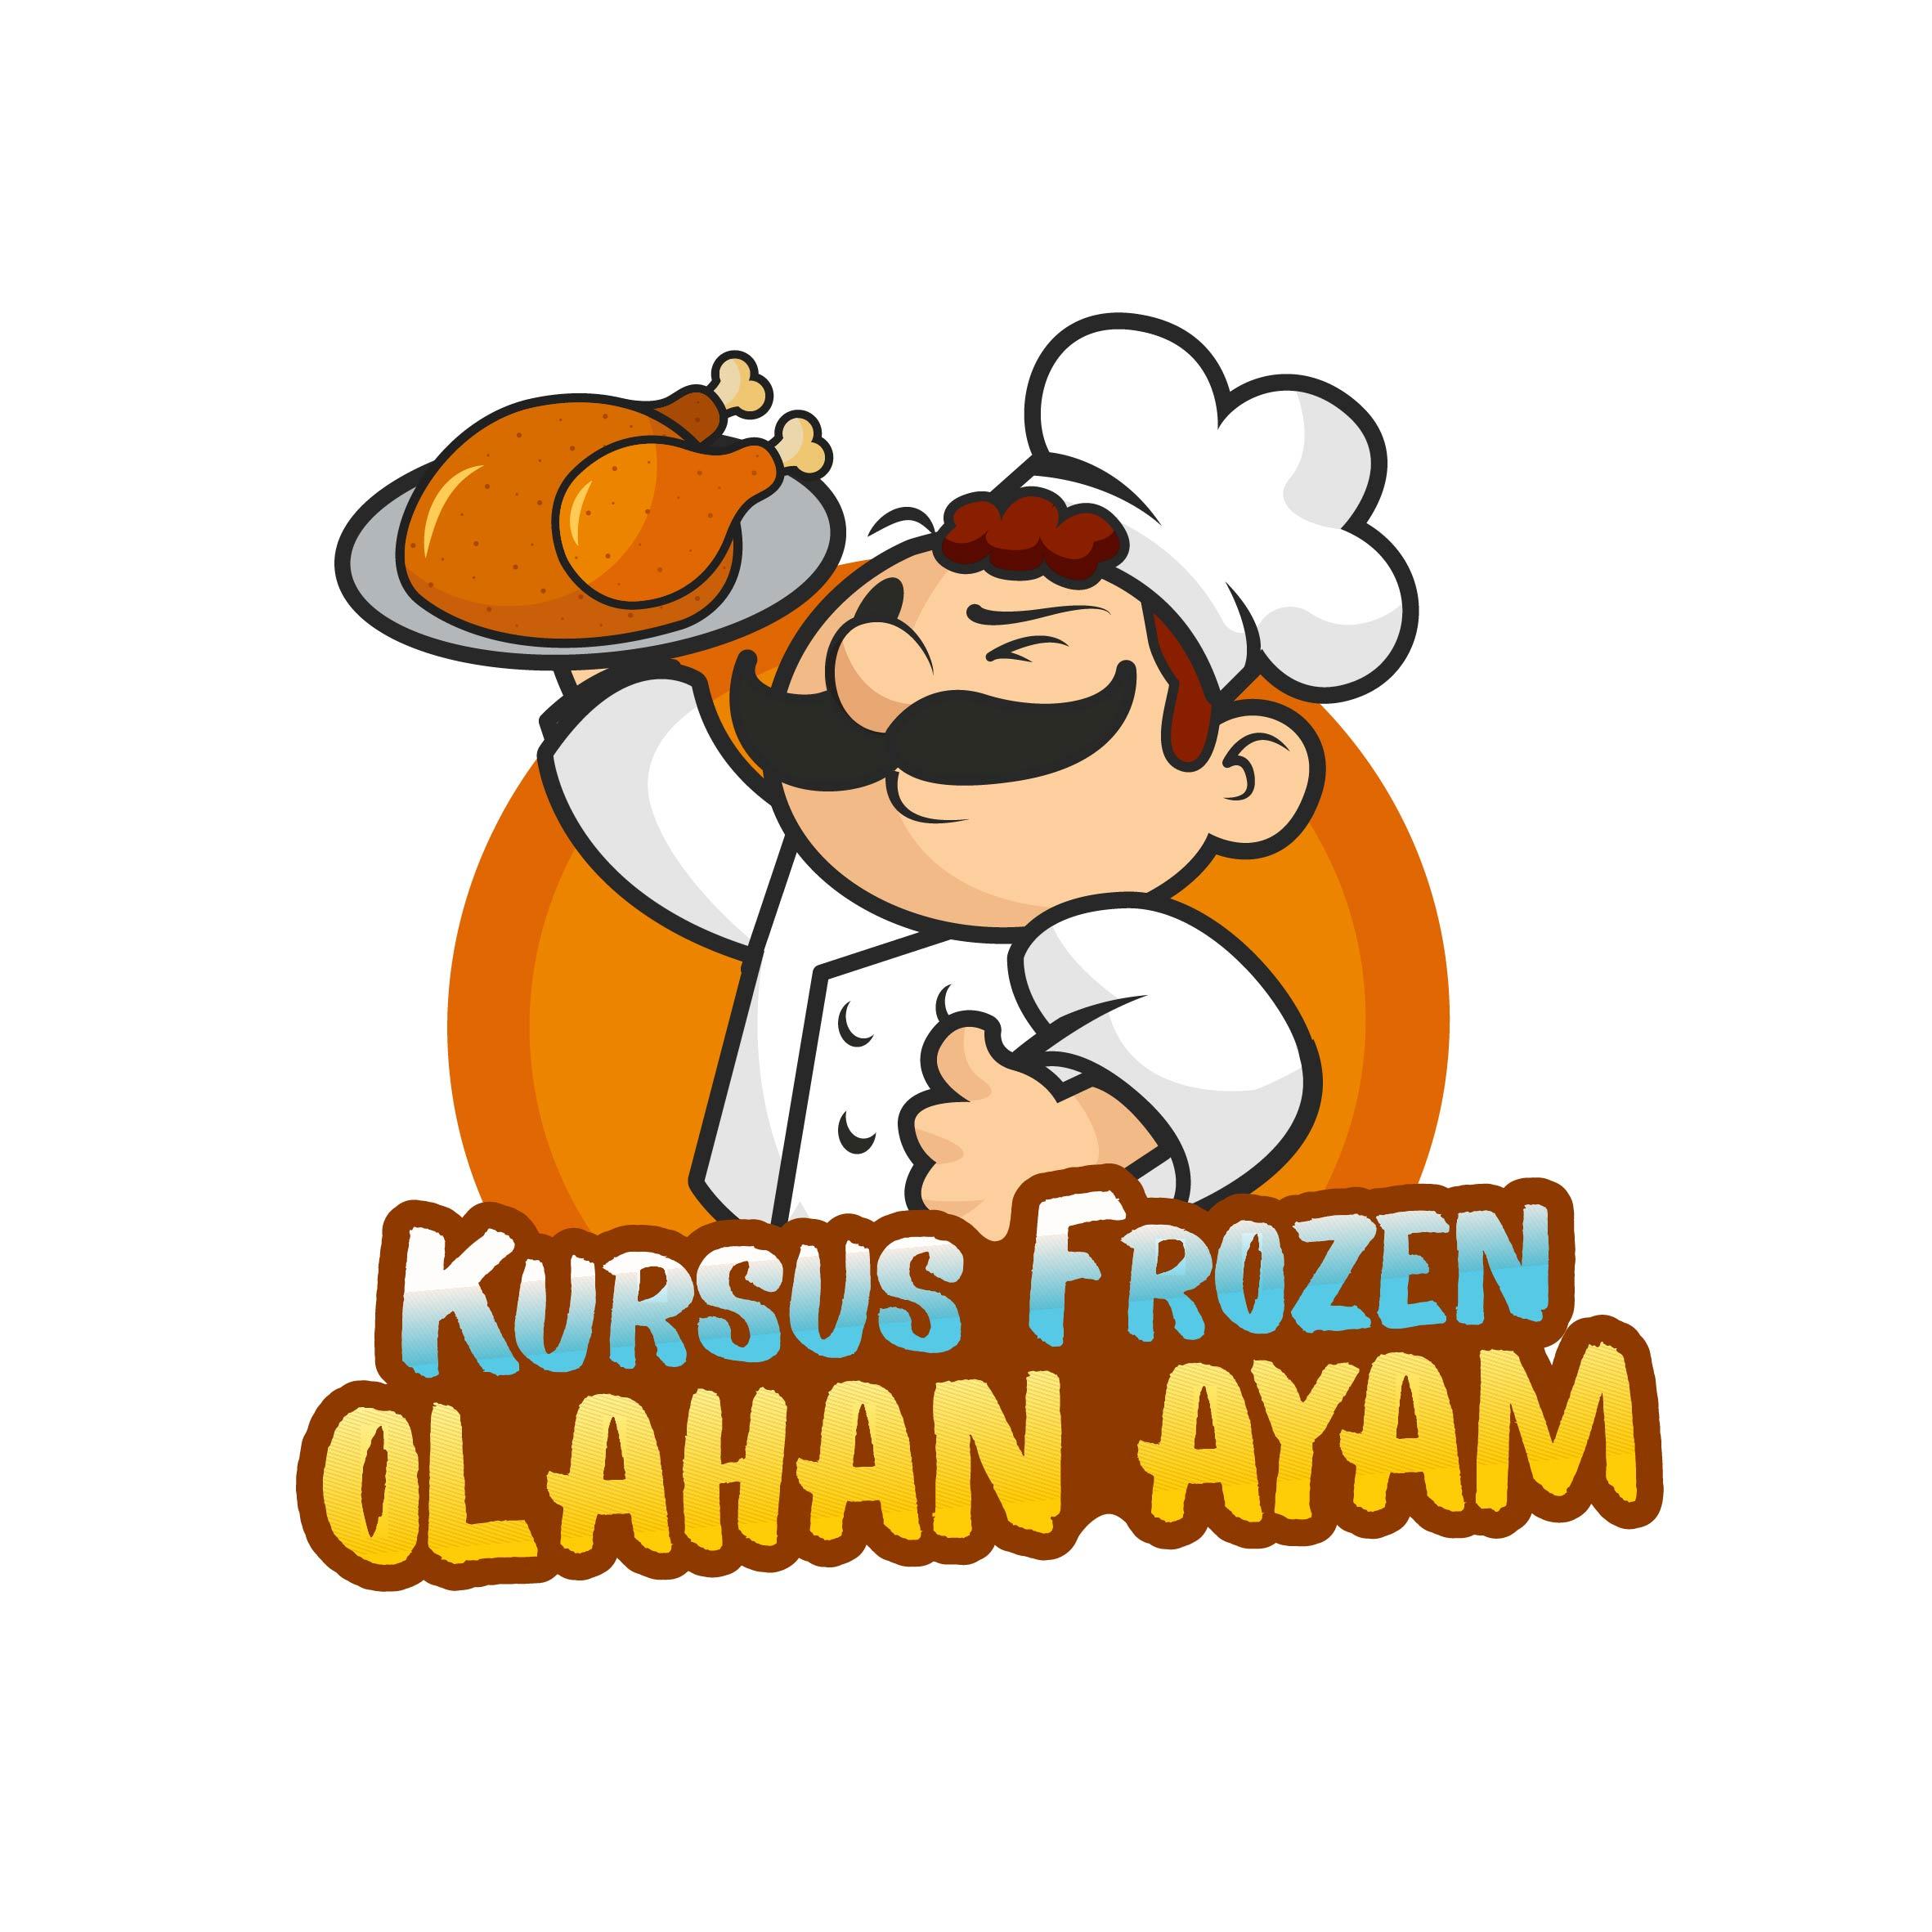 Kursus Bisnis Ayam Frozen